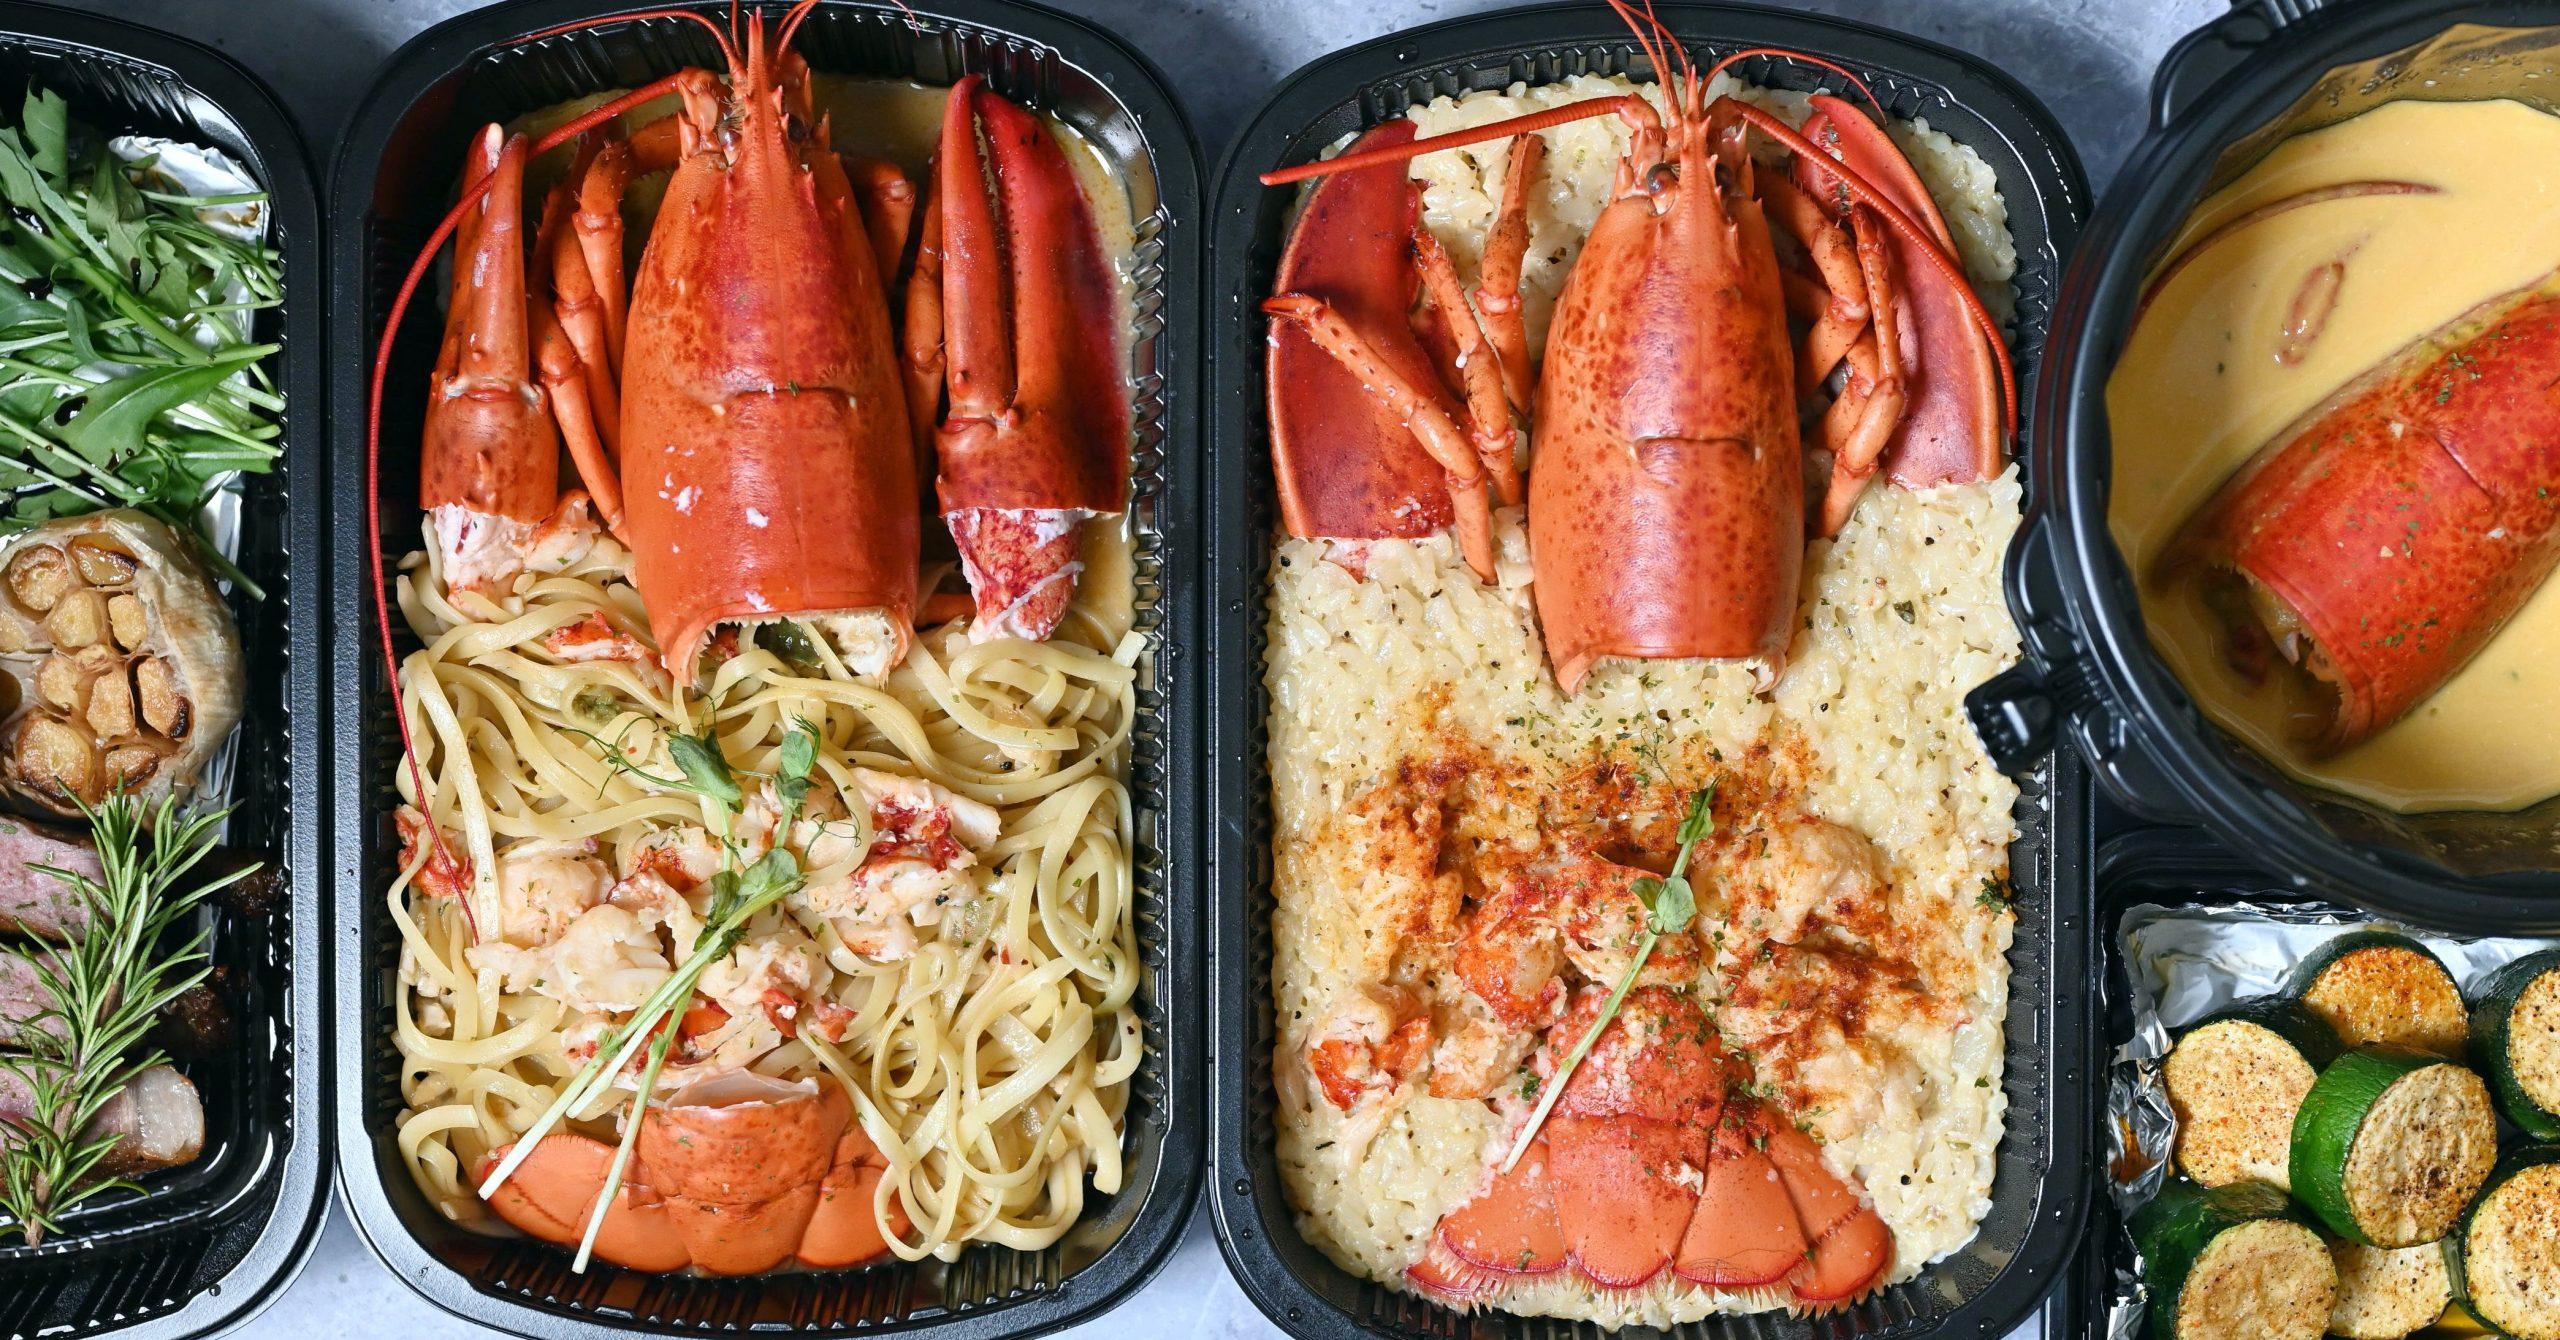 今日熱門文章:【內湖美食】波波海鮮市集,波波海鮮外帶真的超划算 (菜單)